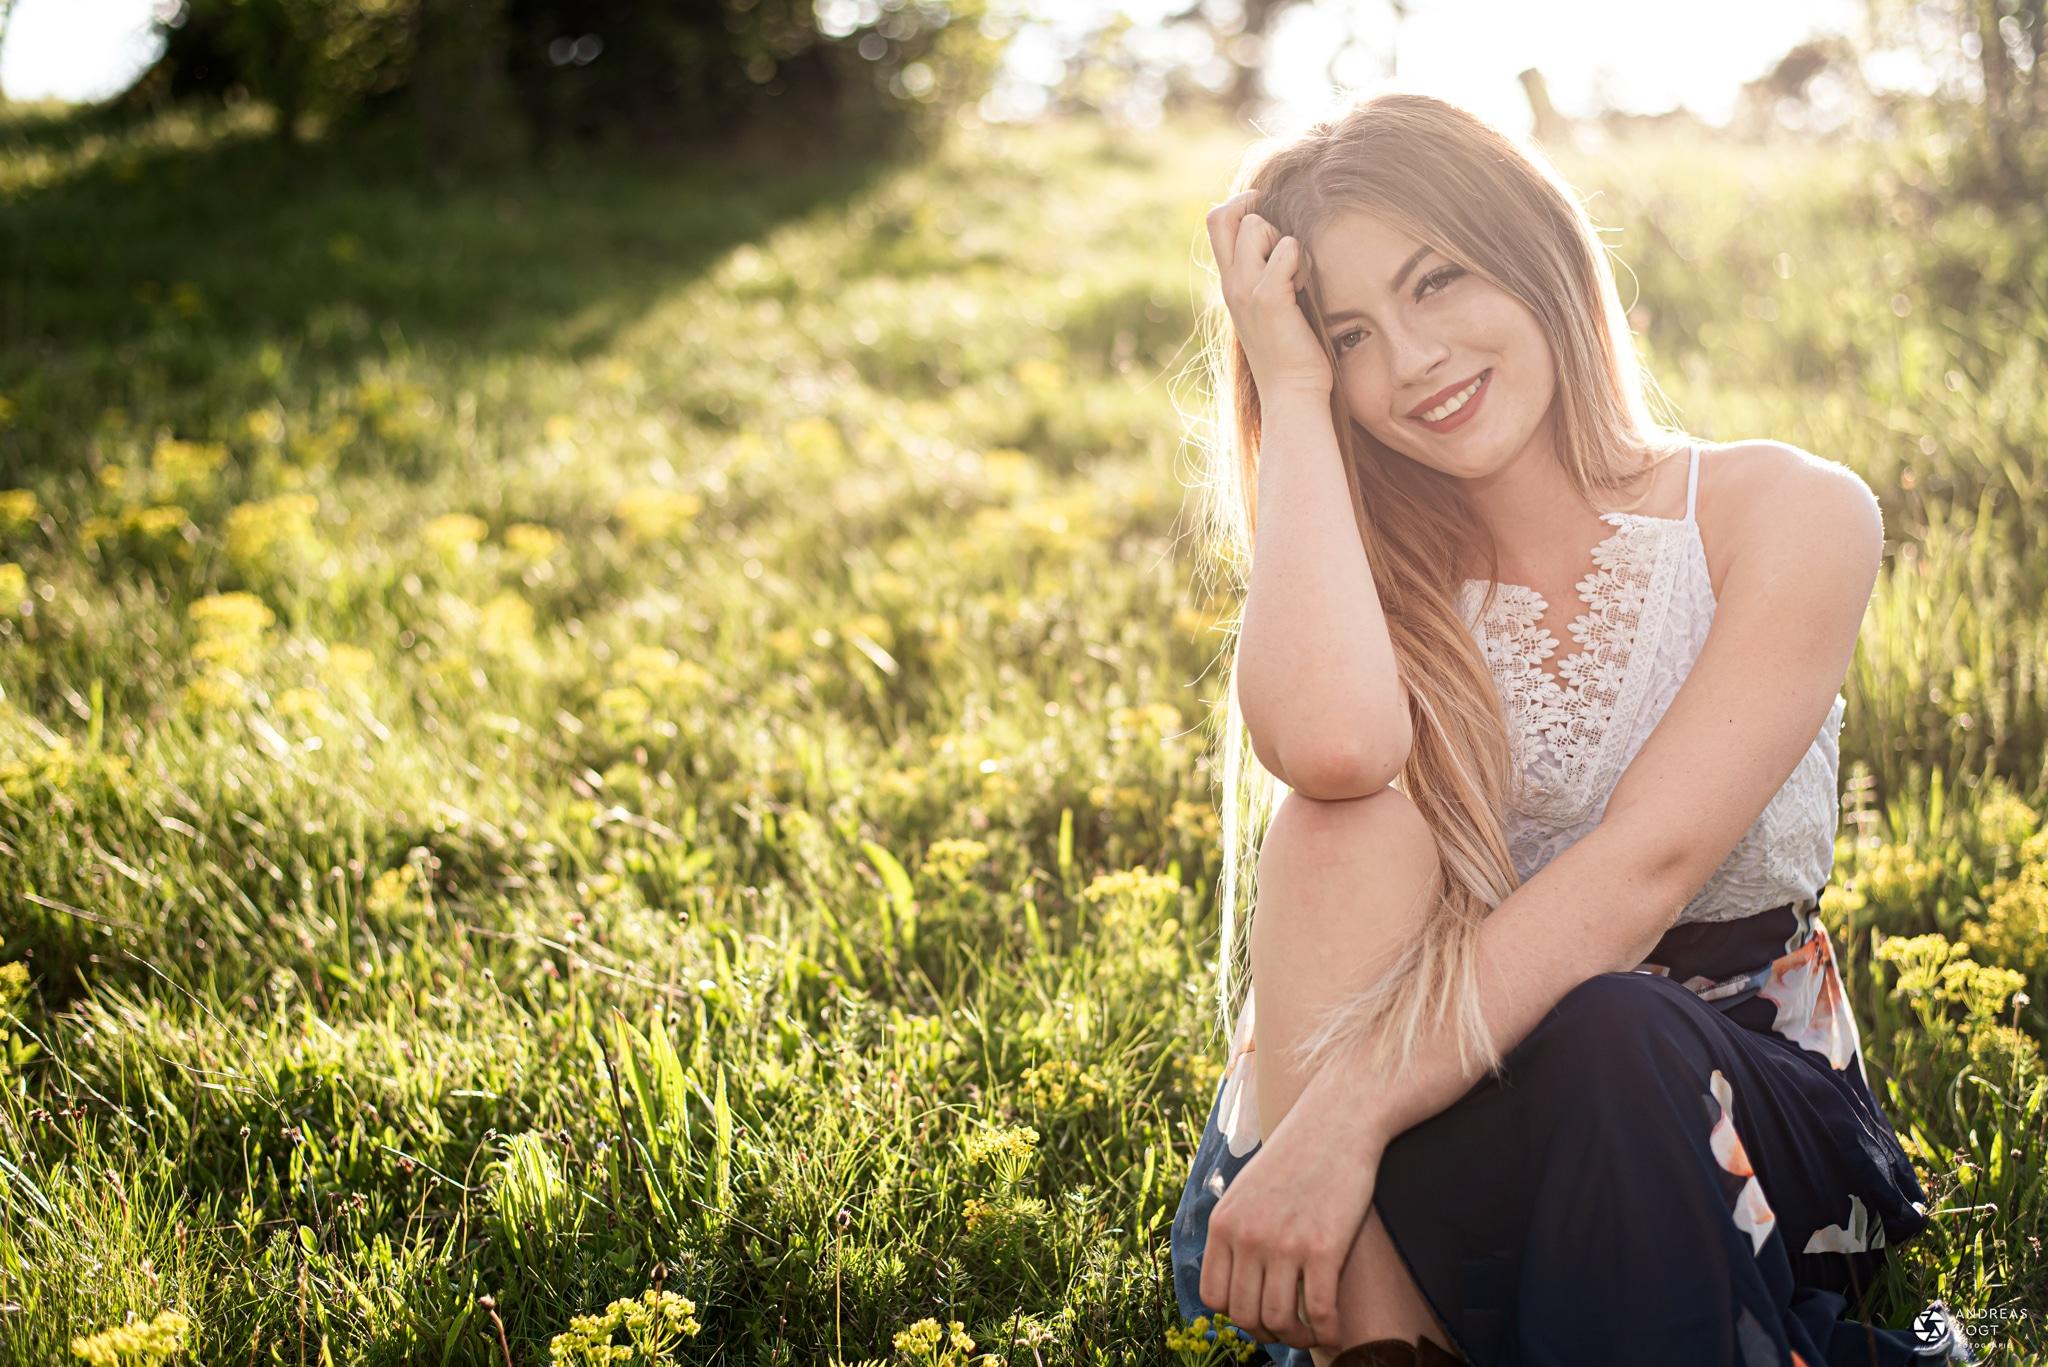 Fotos mit Janine bei Sonnenuntergang - Fotograf Andreas Vogt aus Aalen